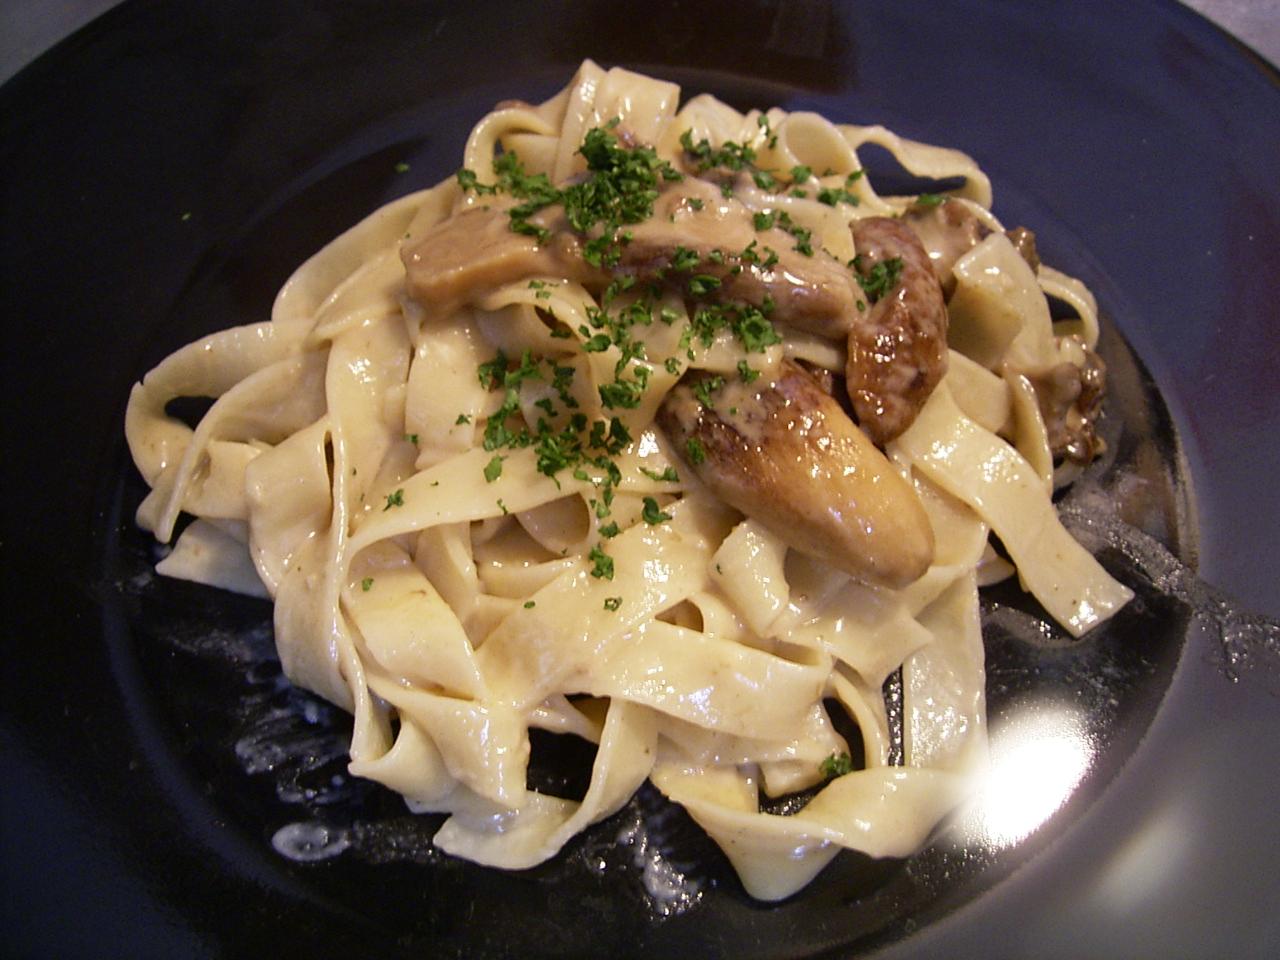 「パスタマニア」に贈る。ポルチーニ茸のパスタの作り方